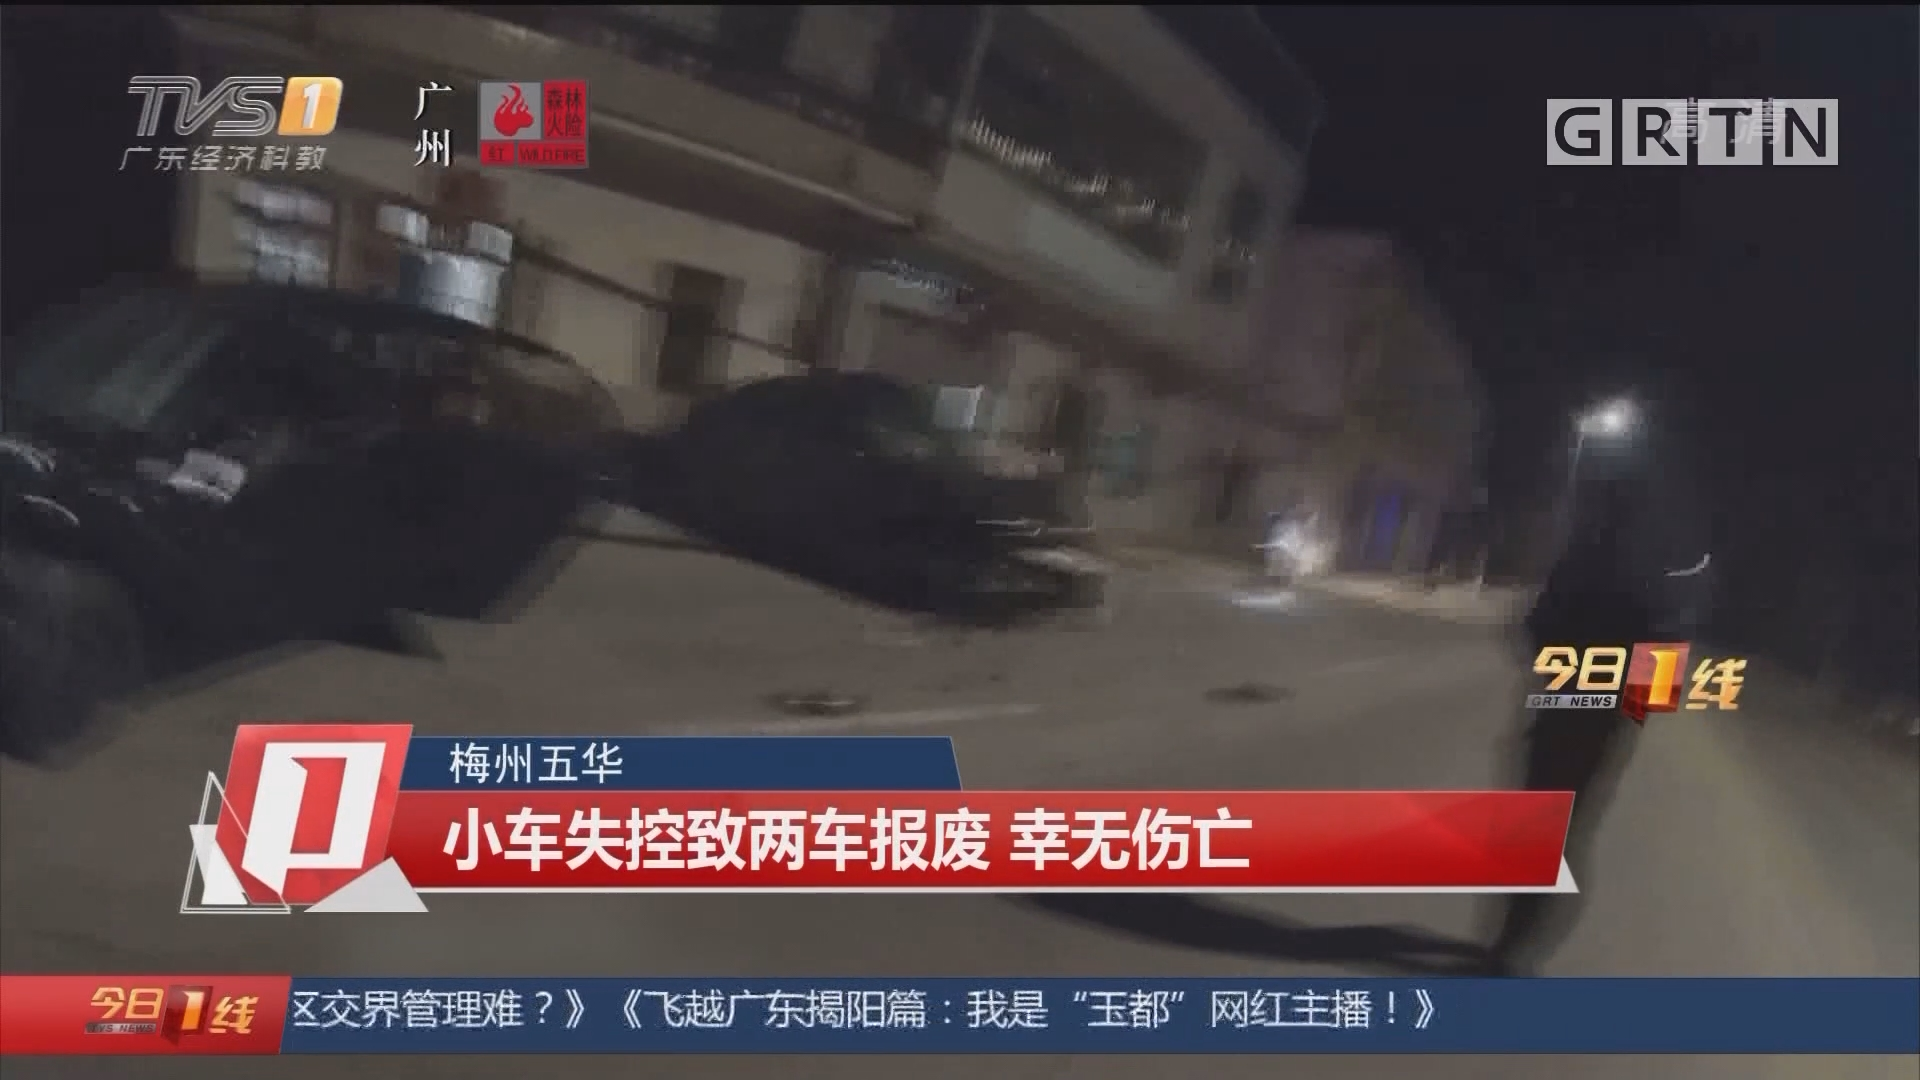 梅州五华:小车失控致两车报废 幸无伤亡